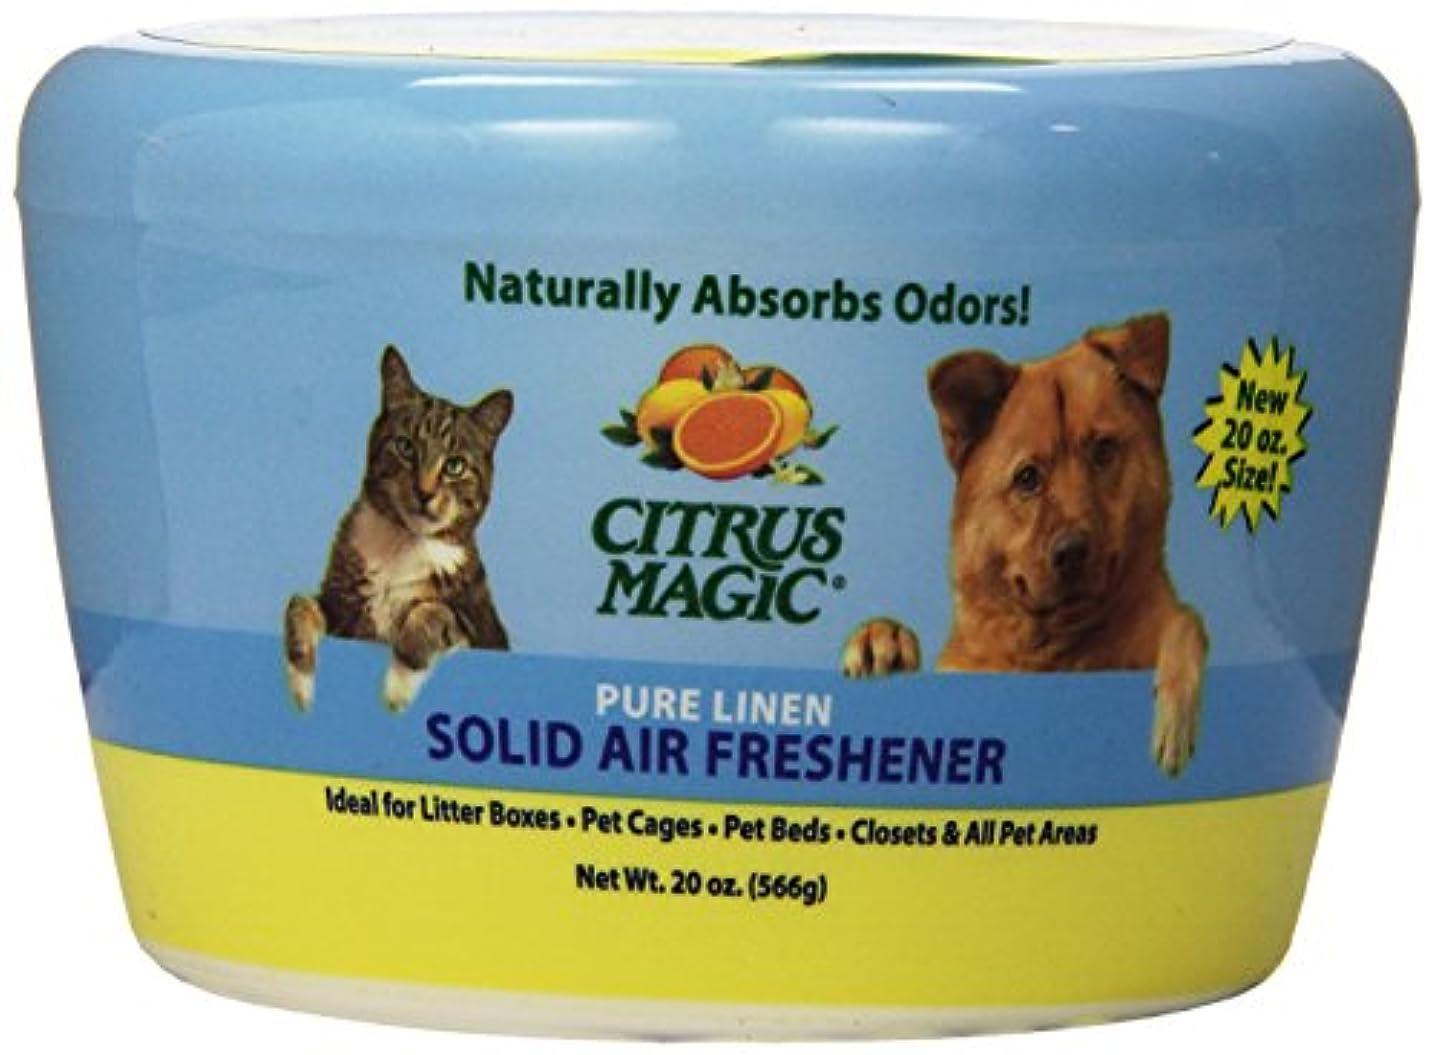 メーター太い発送Citrus Magic - ペットPureの麻布を吸収する固体空気Freshenerの臭気 - 20ポンド